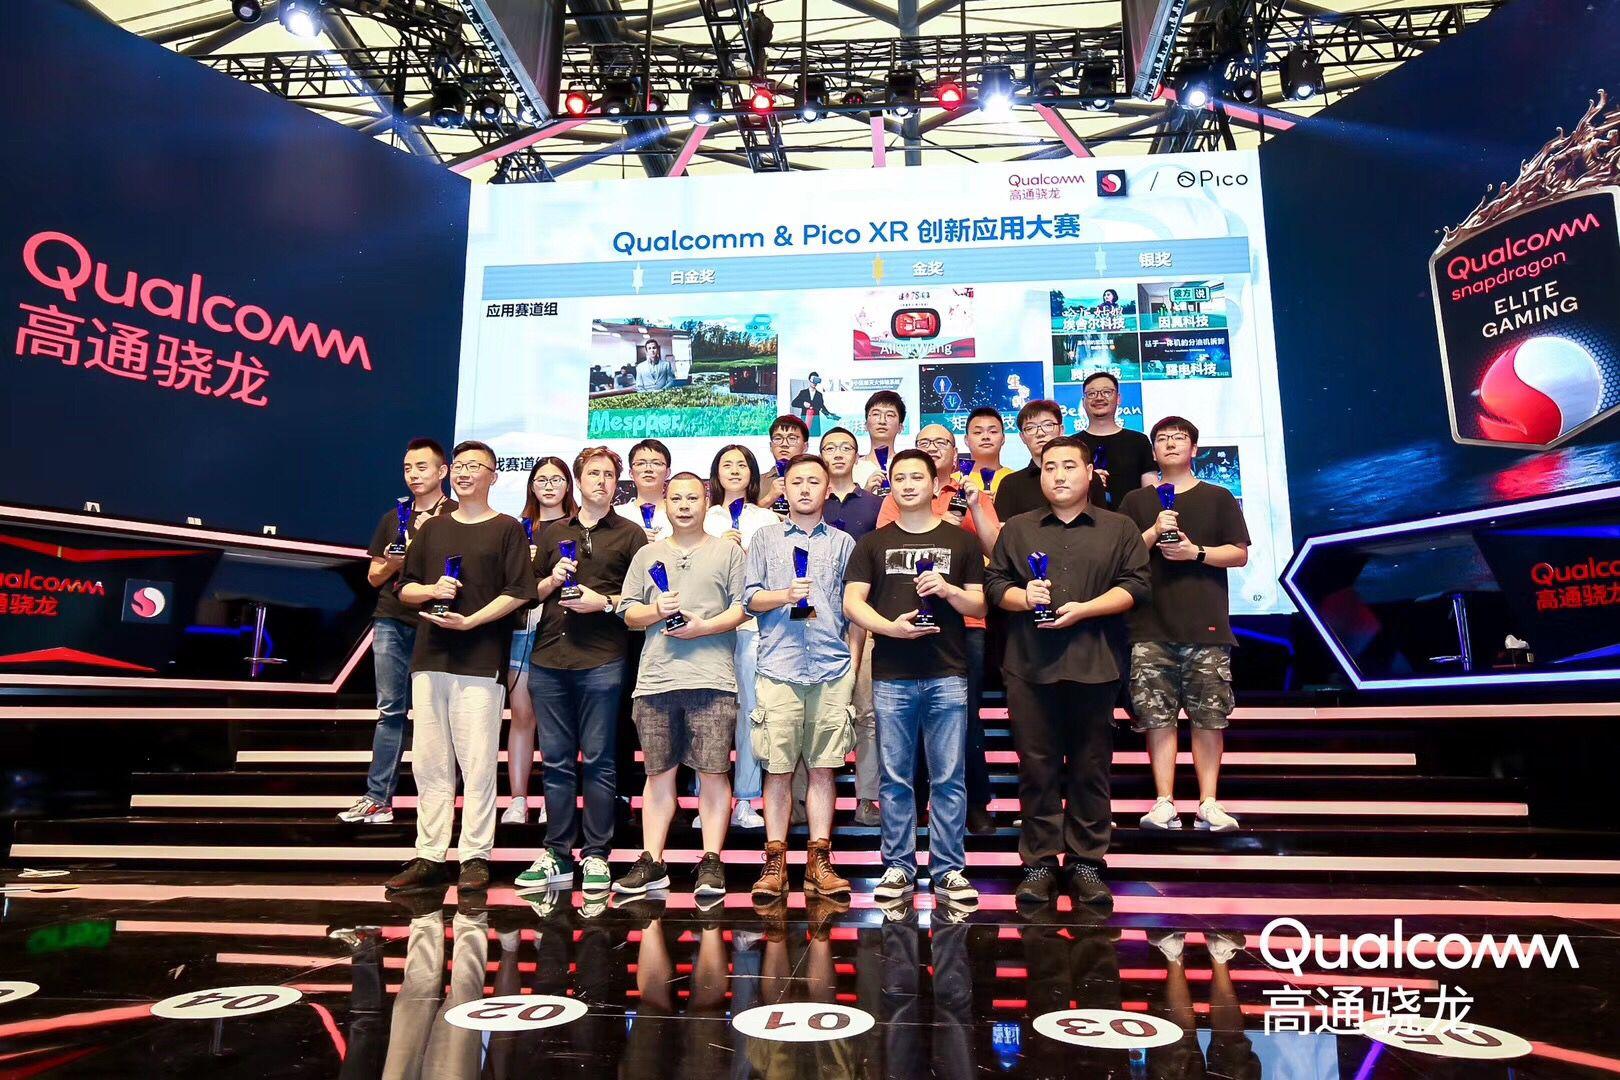 巴西《Mespper》摘冠Qualcomm & Pico XR创新应用大赛白金奖